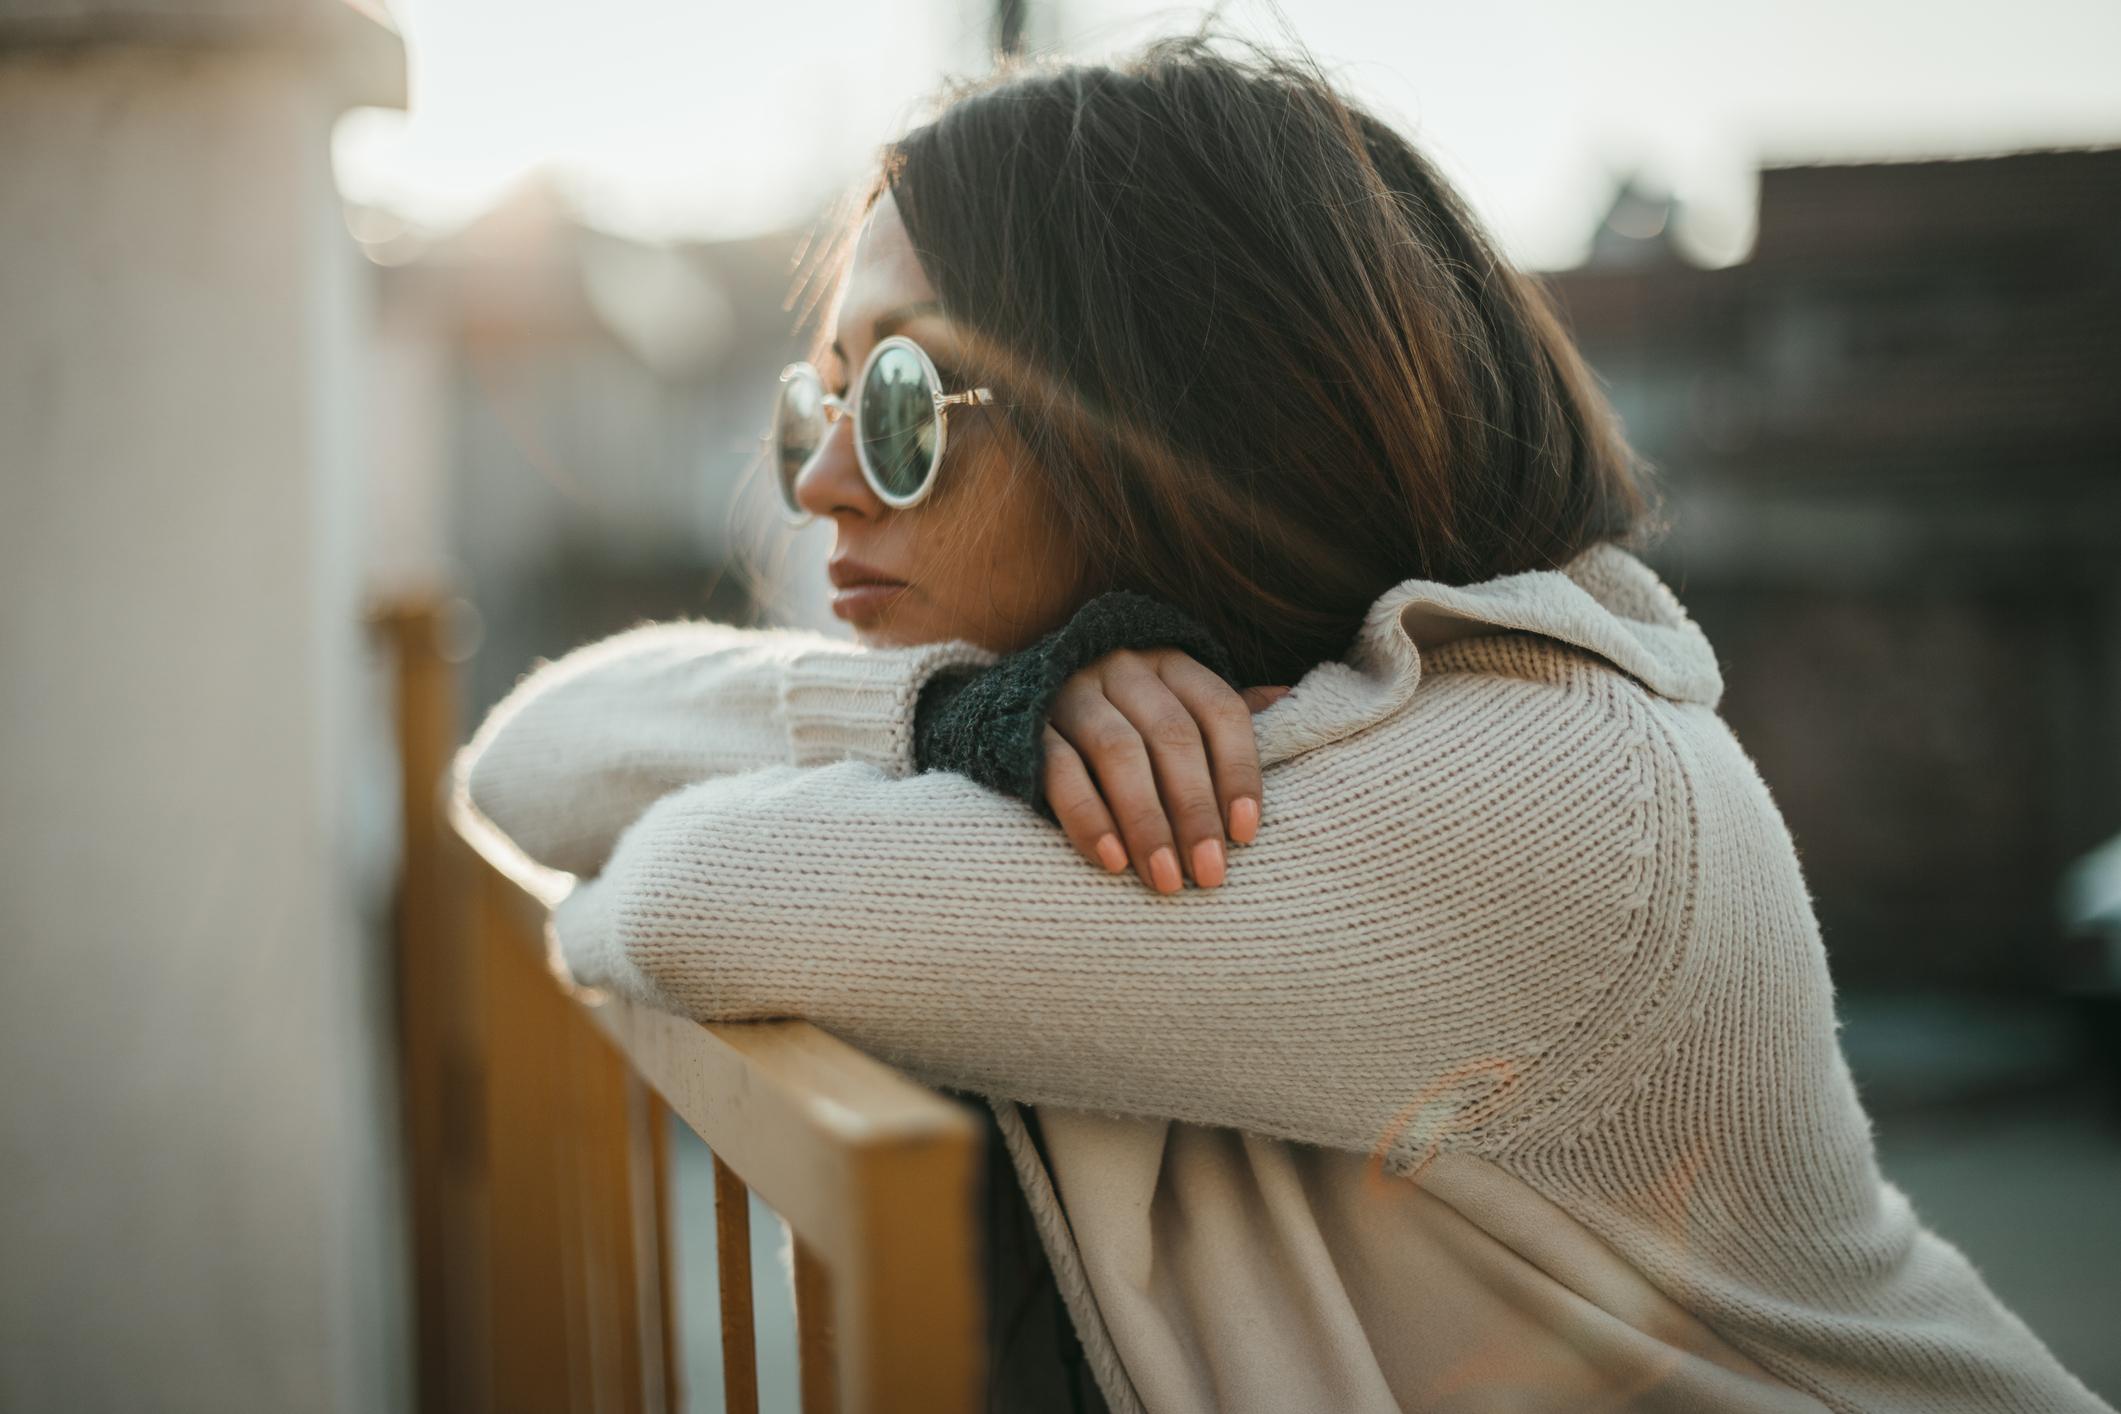 Trebamo li nastojati uvijek biti pozitivni?